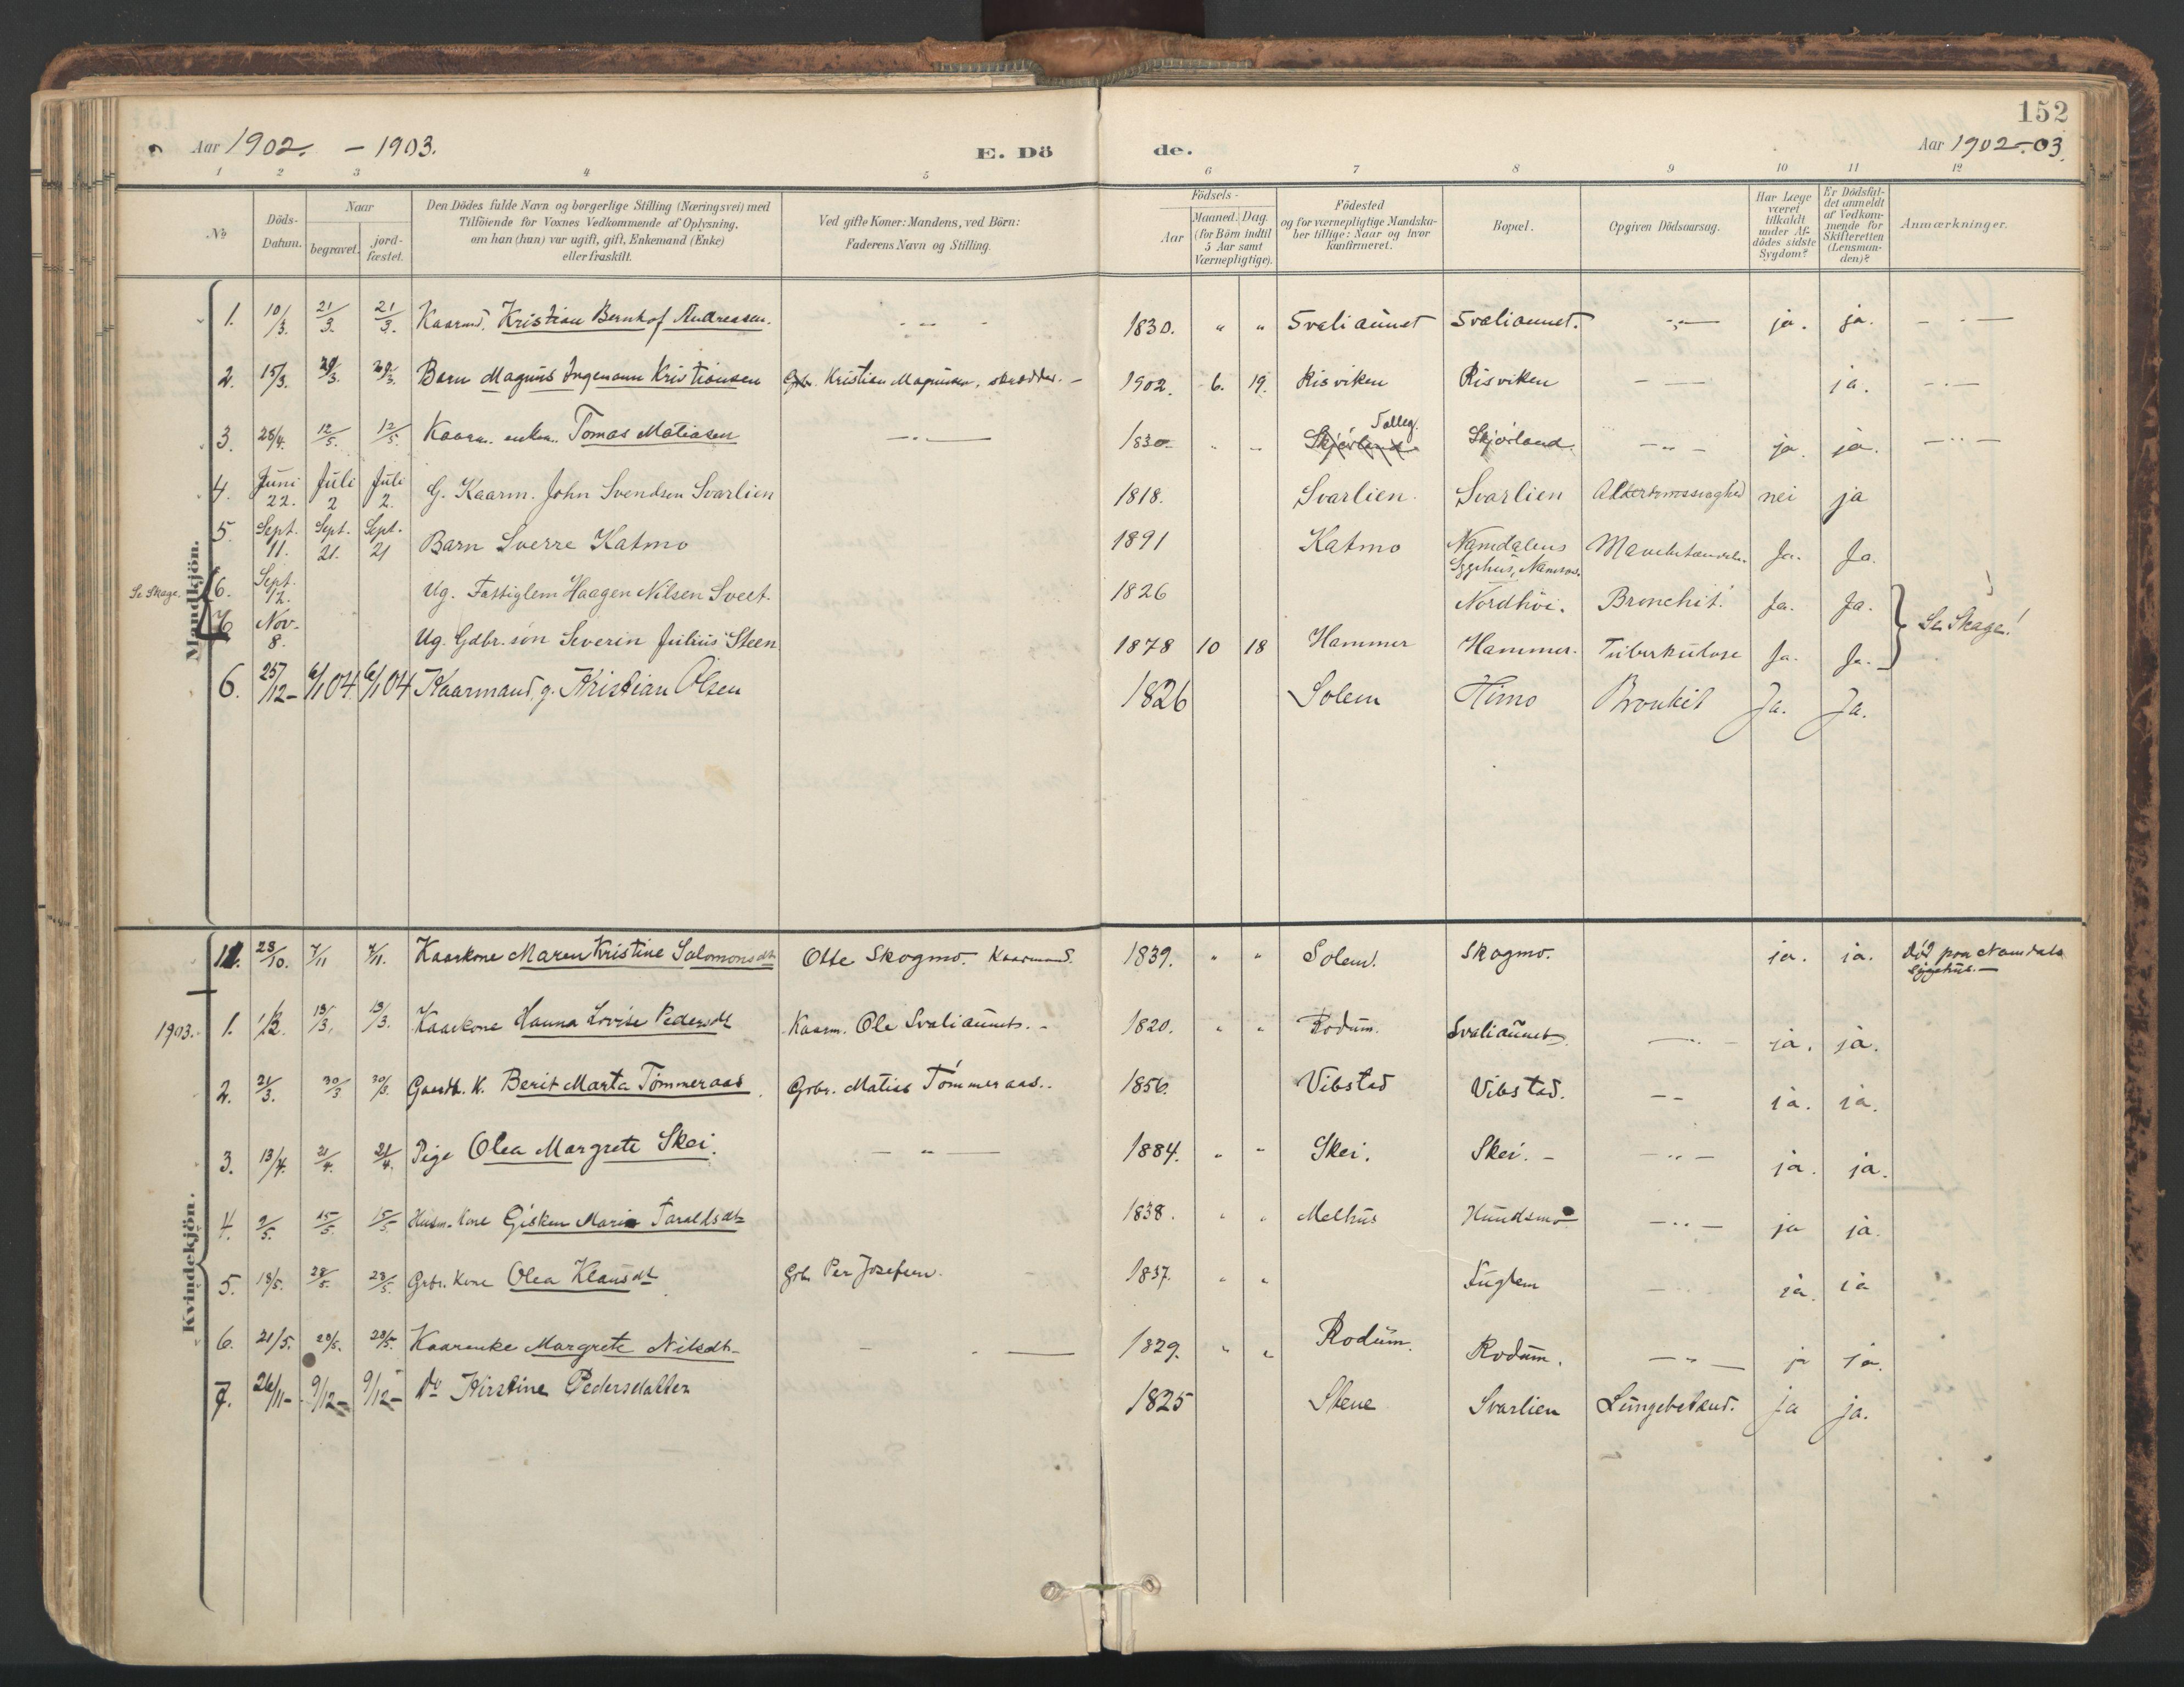 SAT, Ministerialprotokoller, klokkerbøker og fødselsregistre - Nord-Trøndelag, 764/L0556: Ministerialbok nr. 764A11, 1897-1924, s. 152